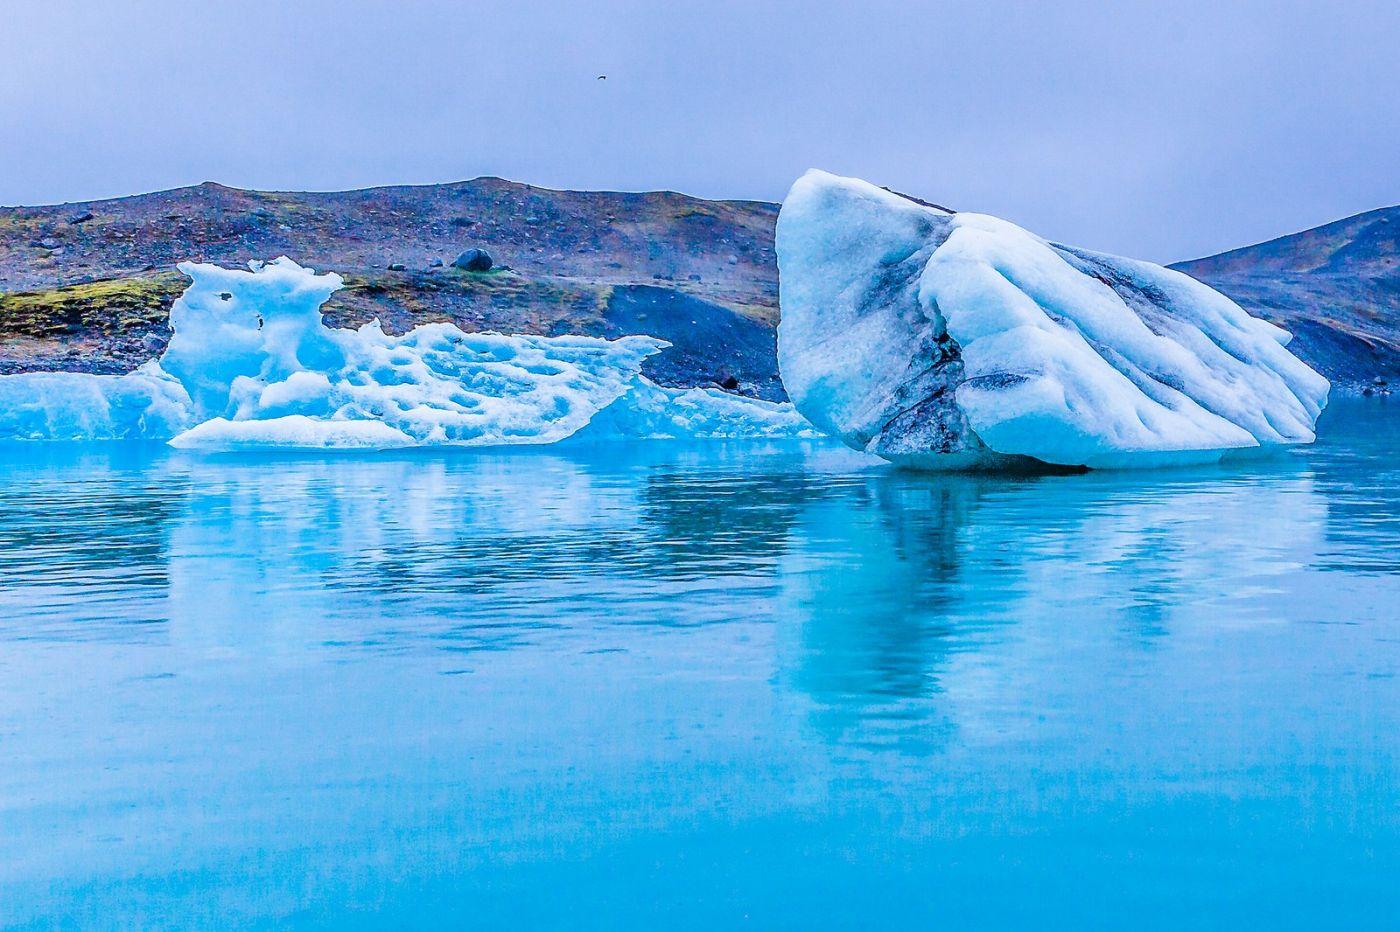 冰岛冰川泻湖(Glacier Lagoon),自然雕塑_图1-10